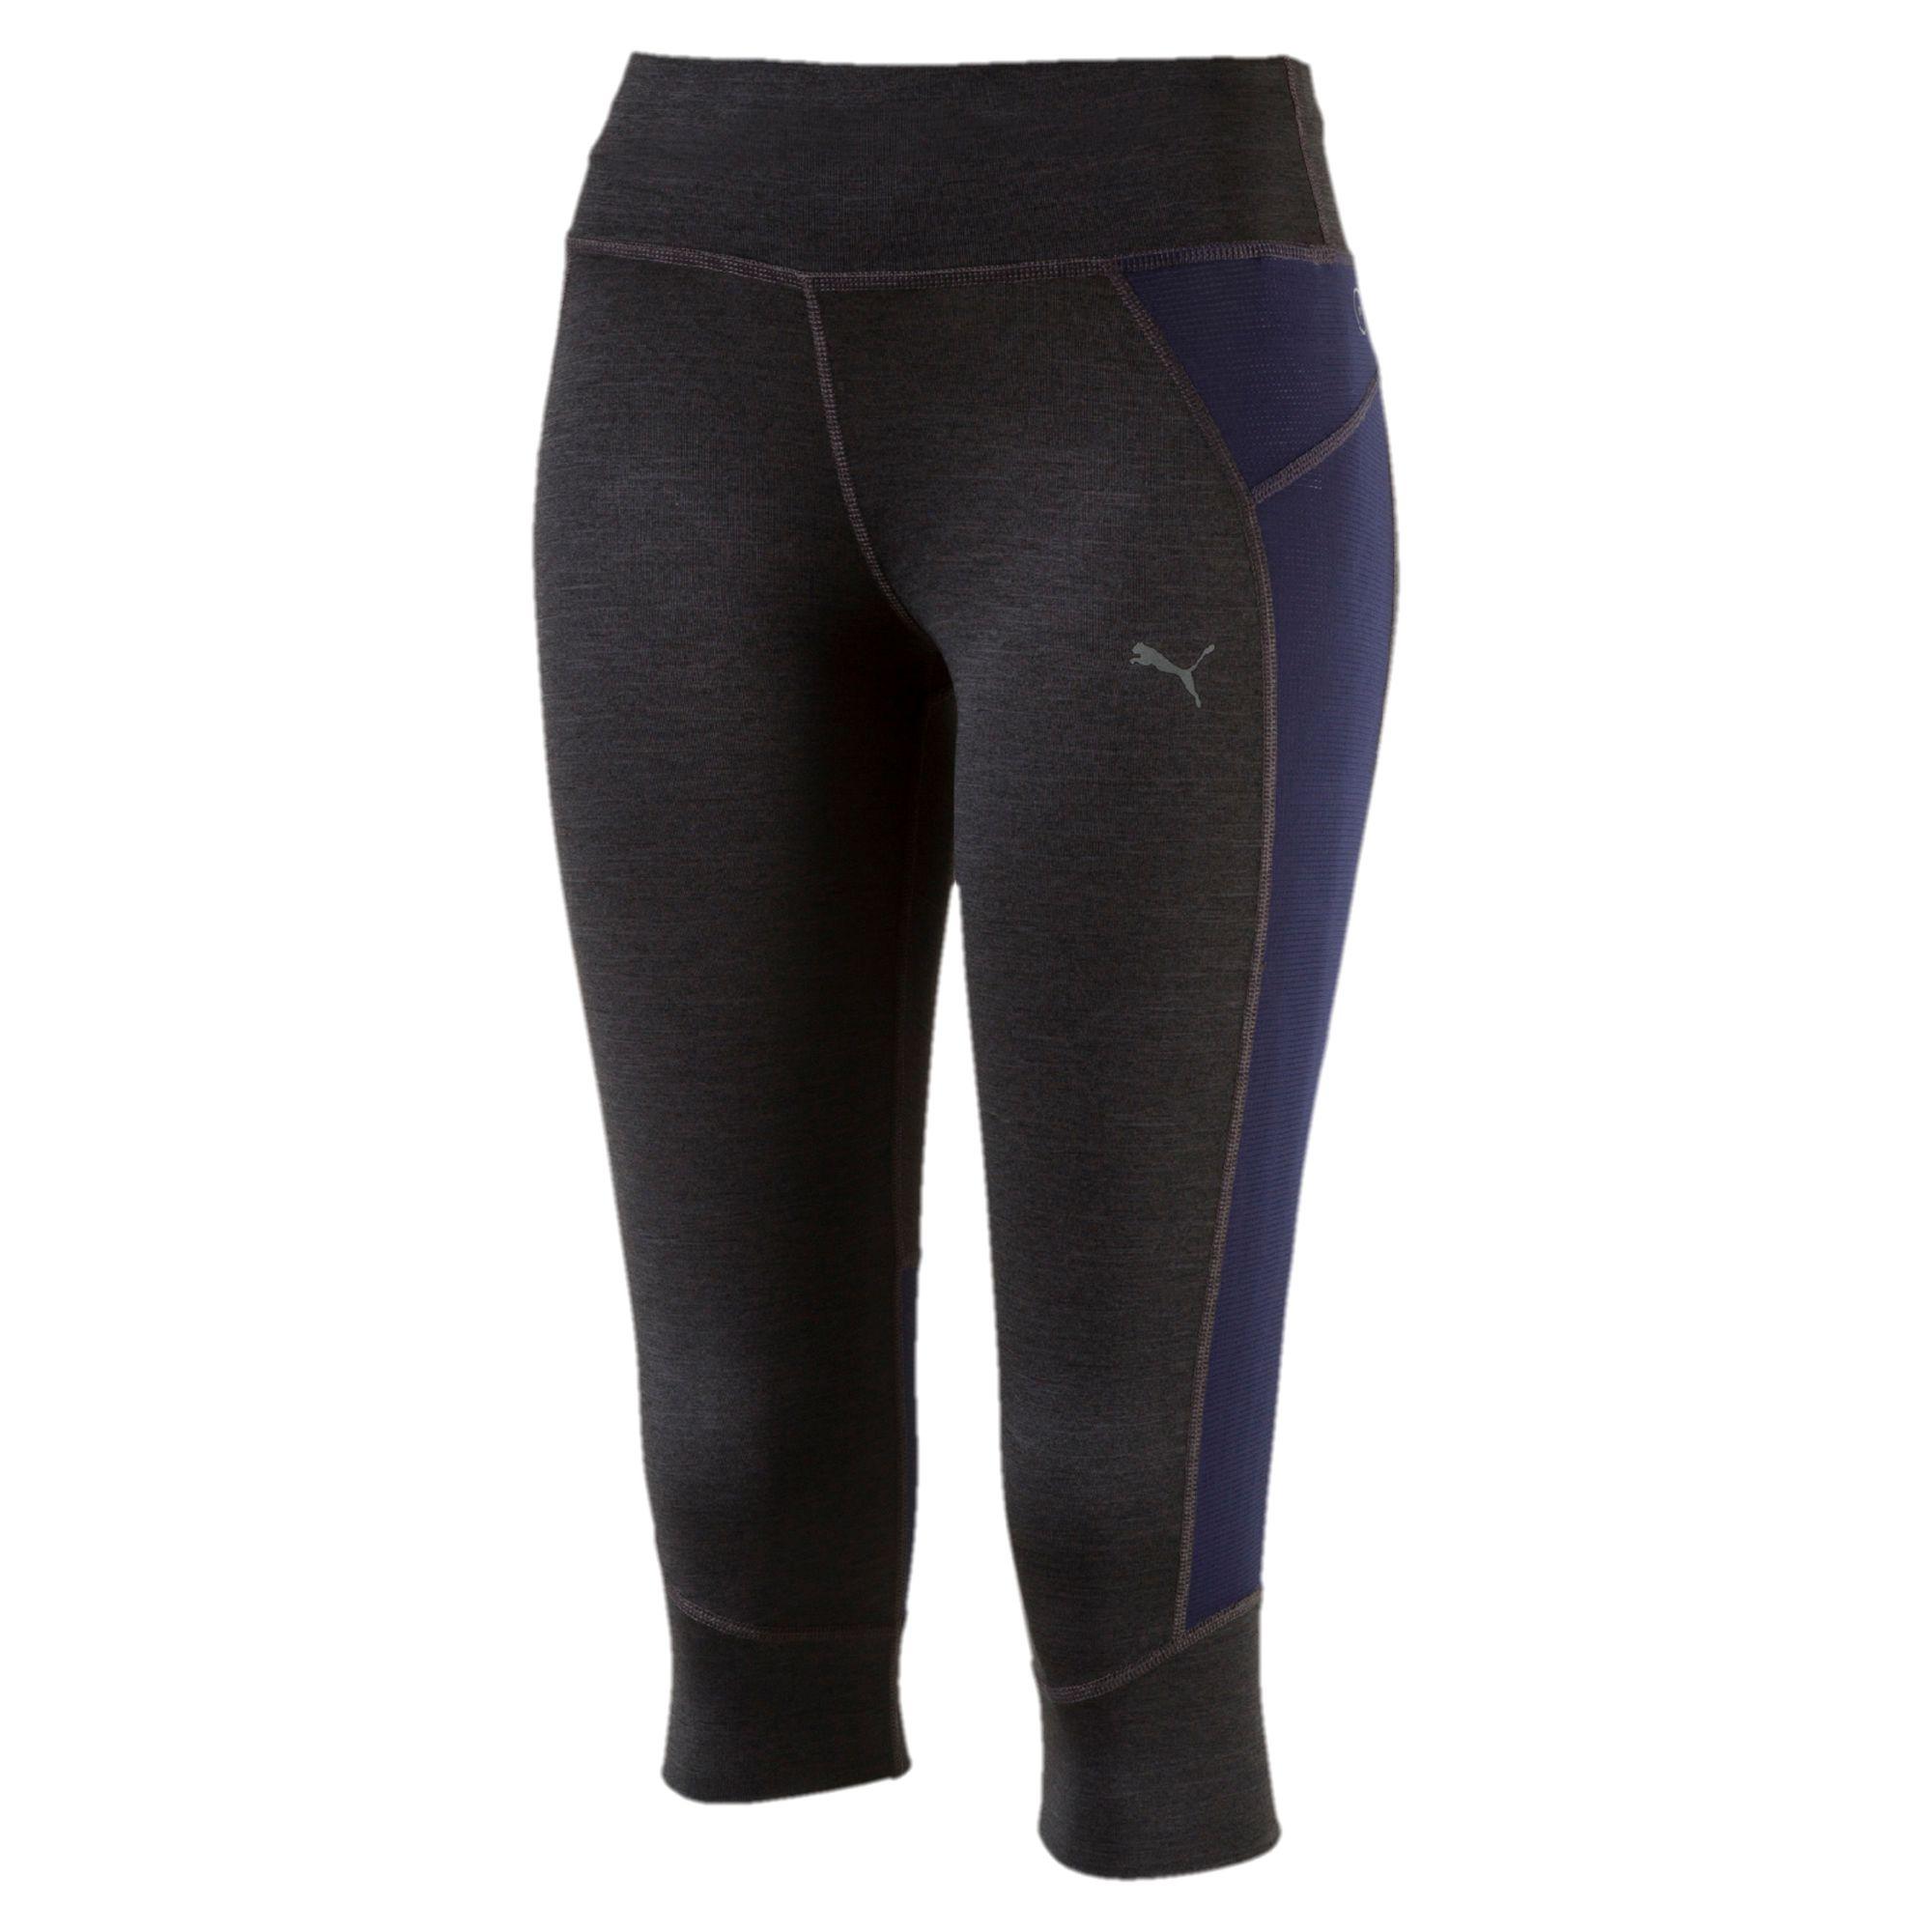 Работает женская PWRCOOL Speed 3/4 беговые брюки